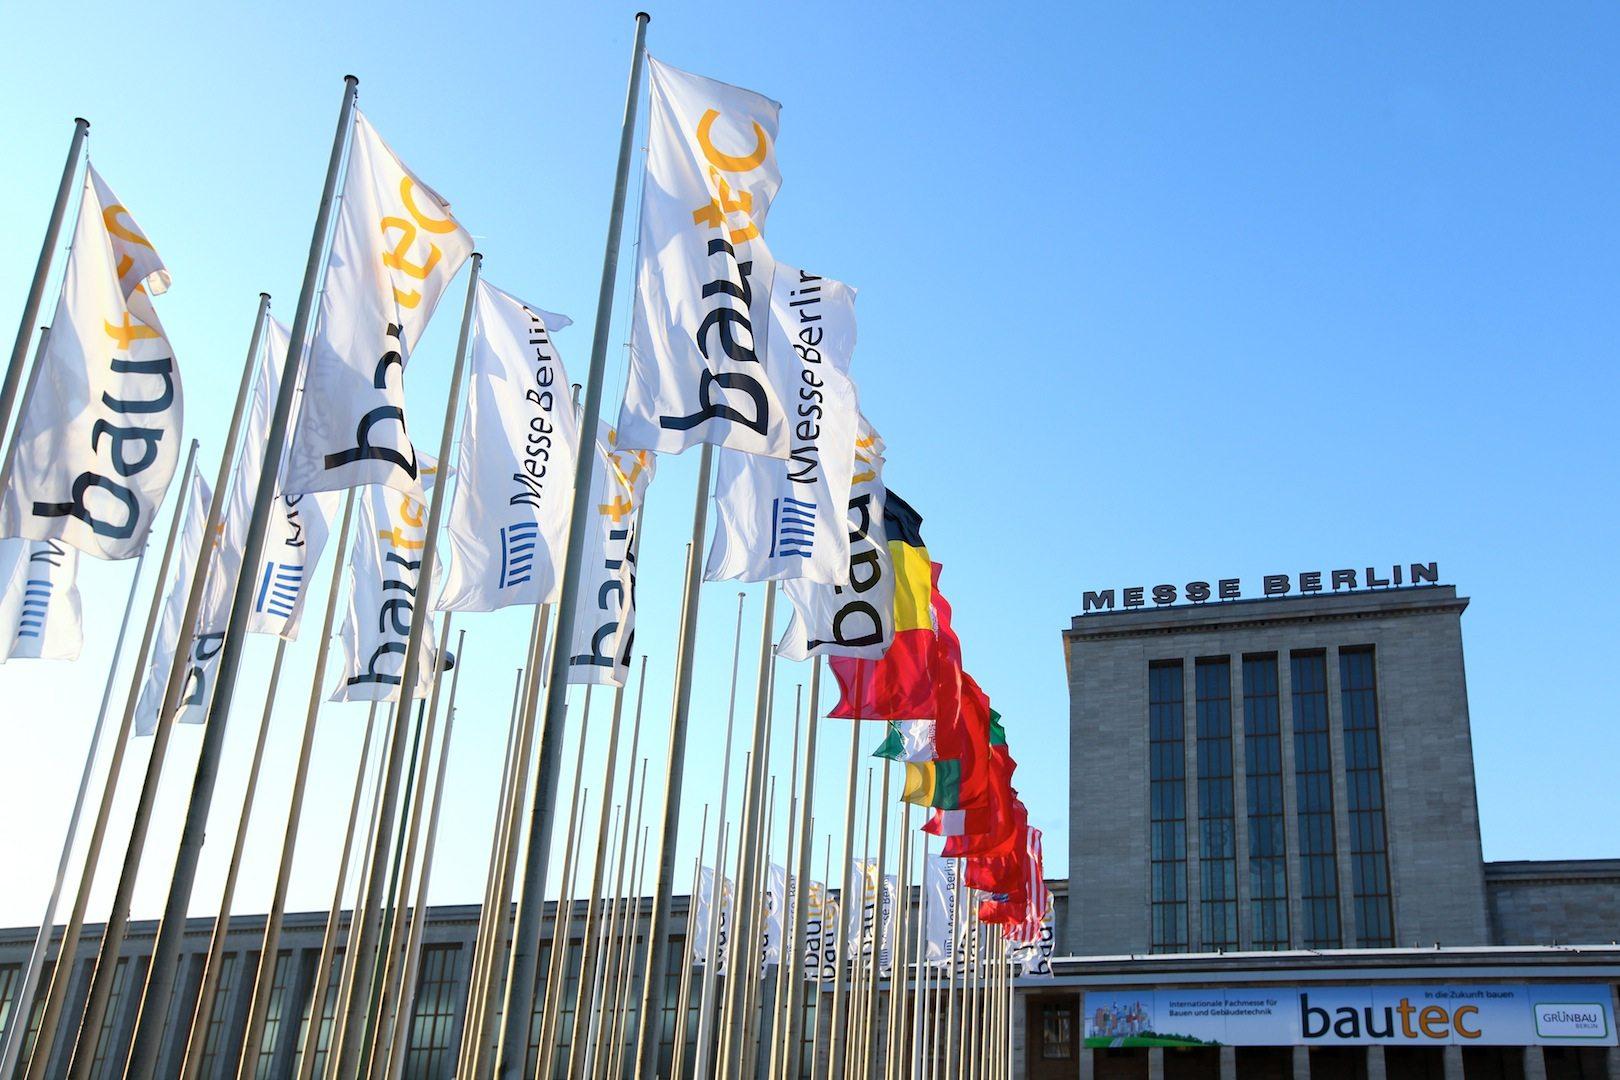 Bautec 2016. Eine der bedeutendsten Baufachmessen Deutschlands ist 2016 zum 17. Mal durchgeführt worden